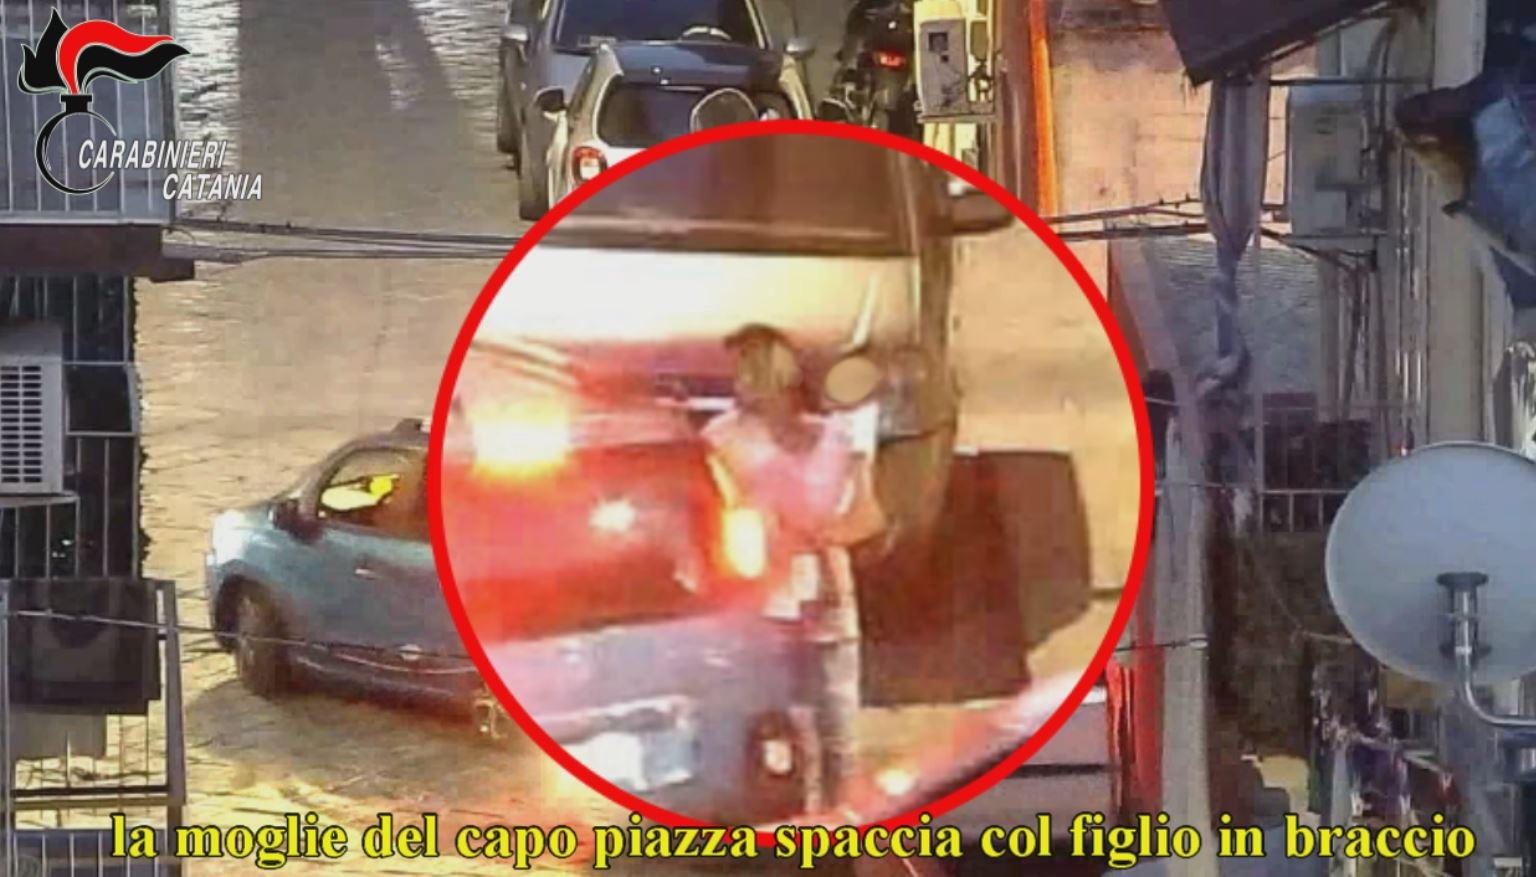 Espugnato dai carabinieri il fortino della droga a San Cristoforo: 25 arresti